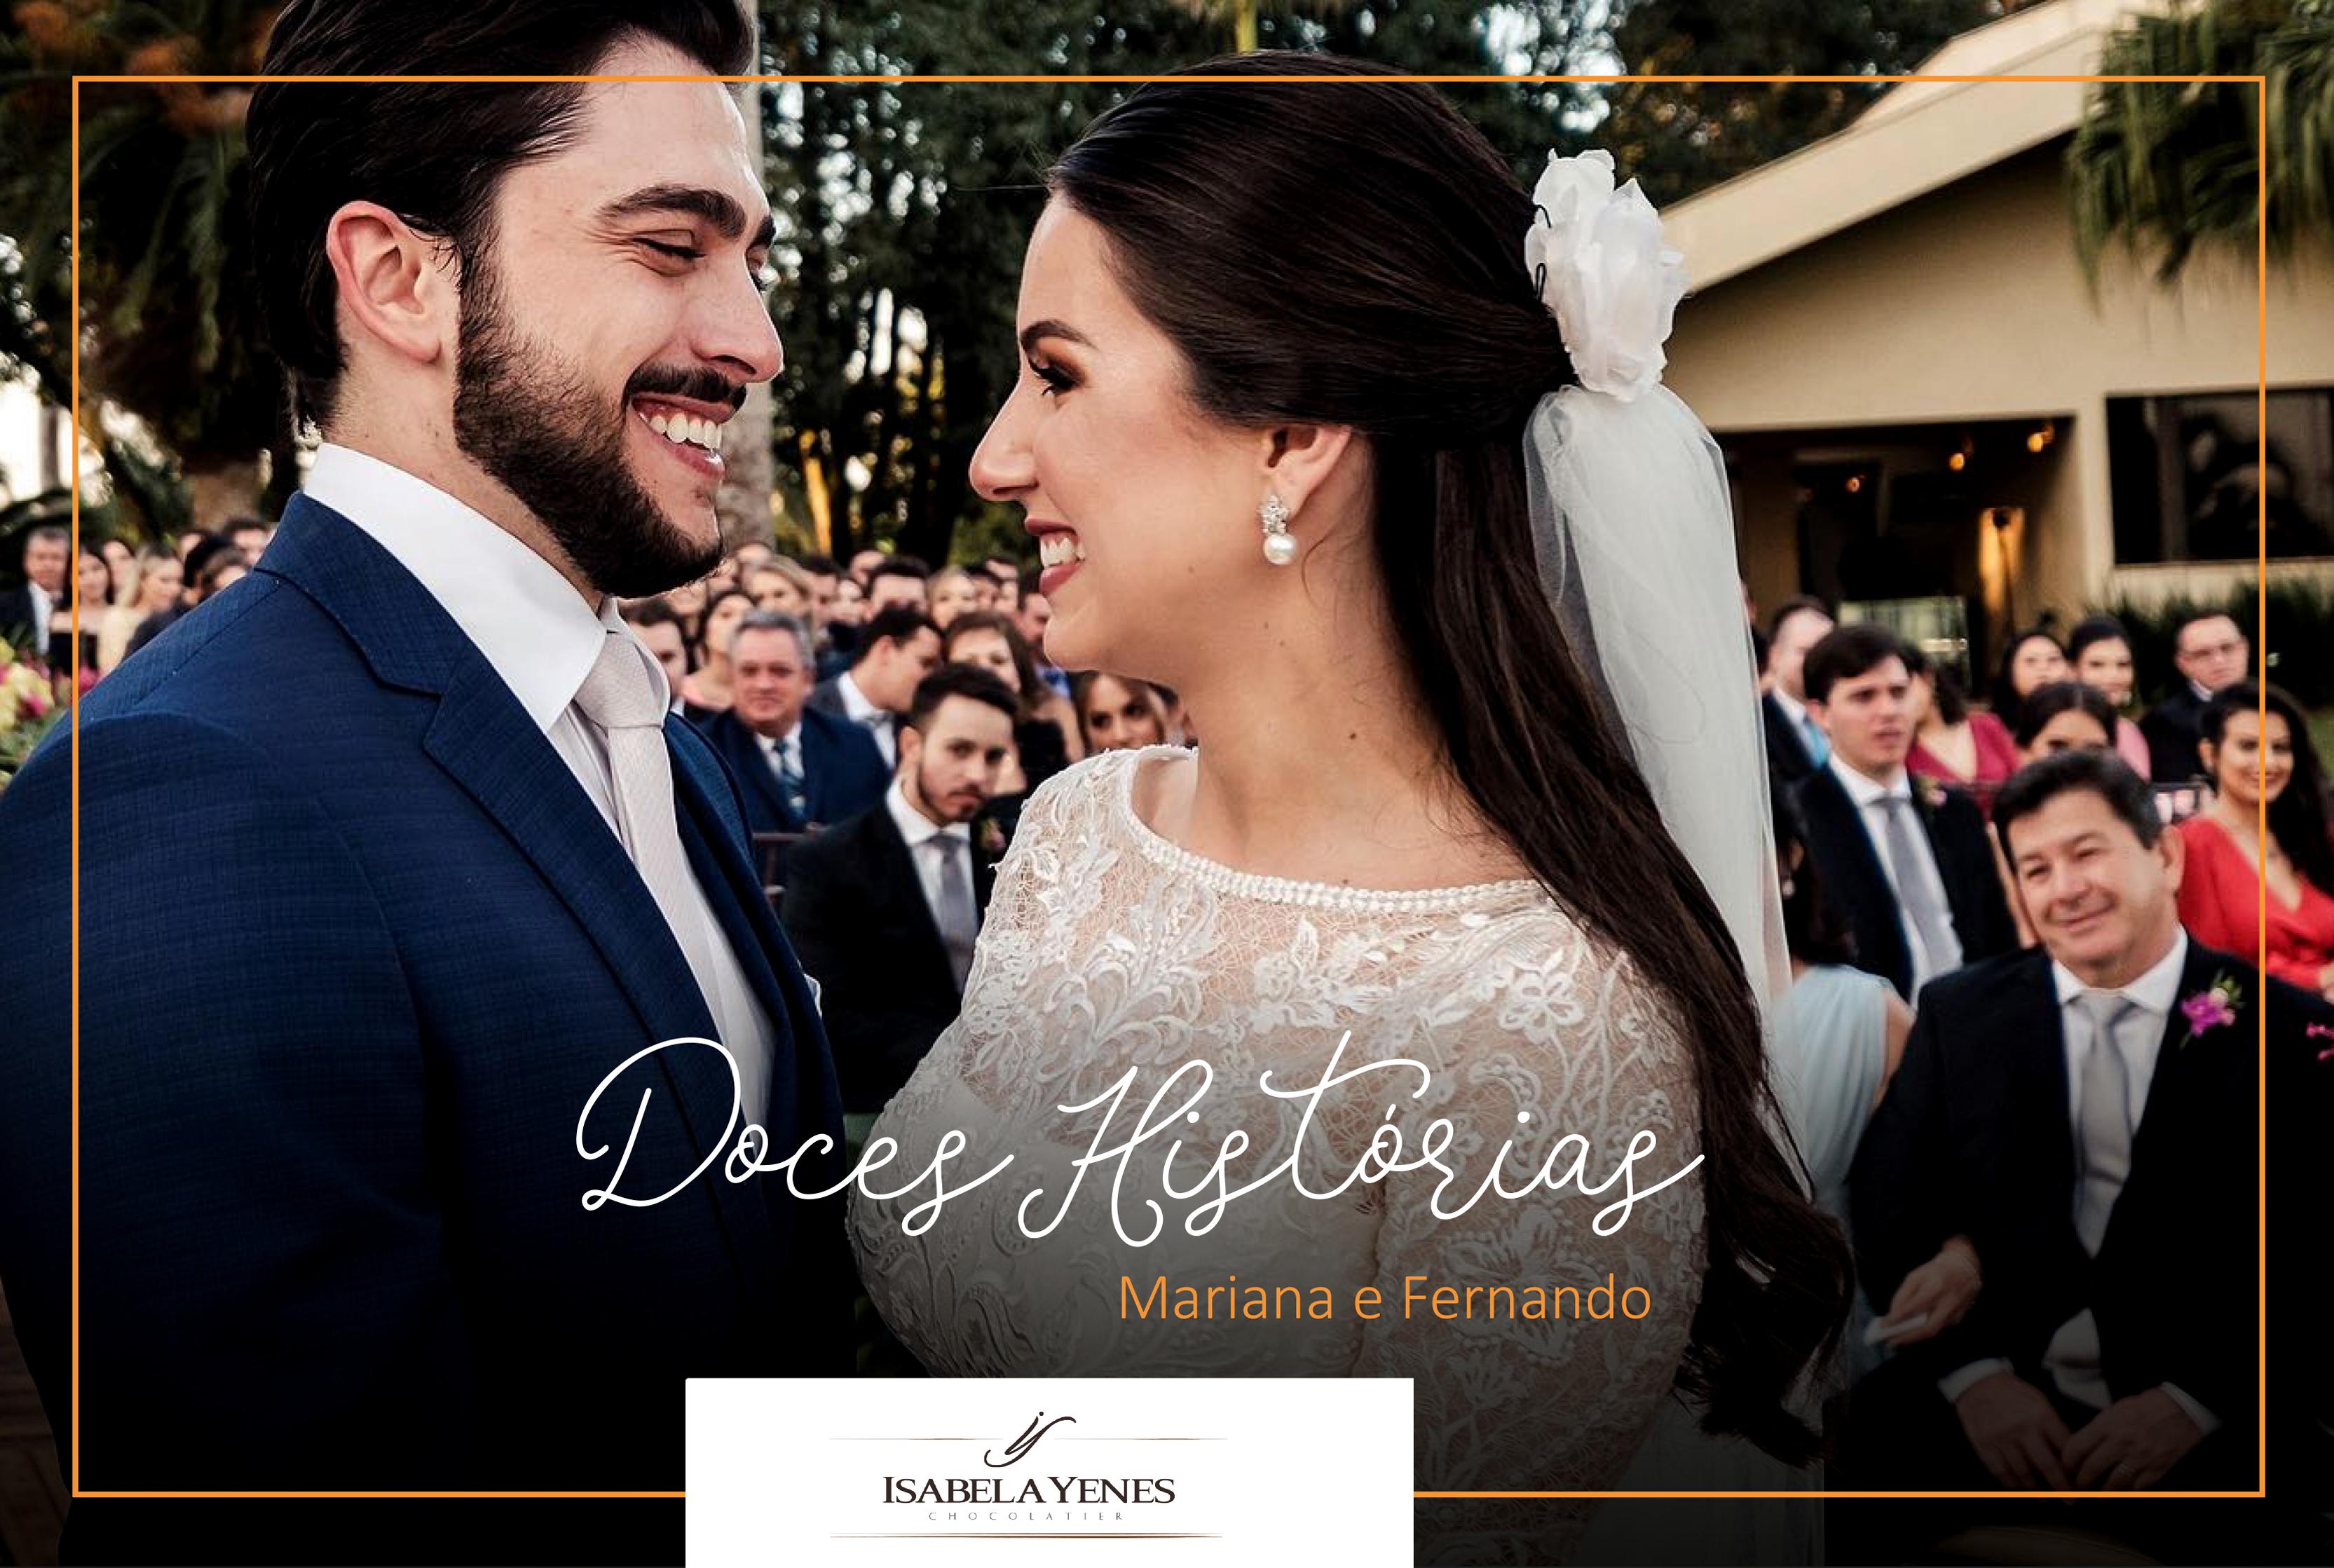 Doces Histórias - Mariana e Fernando